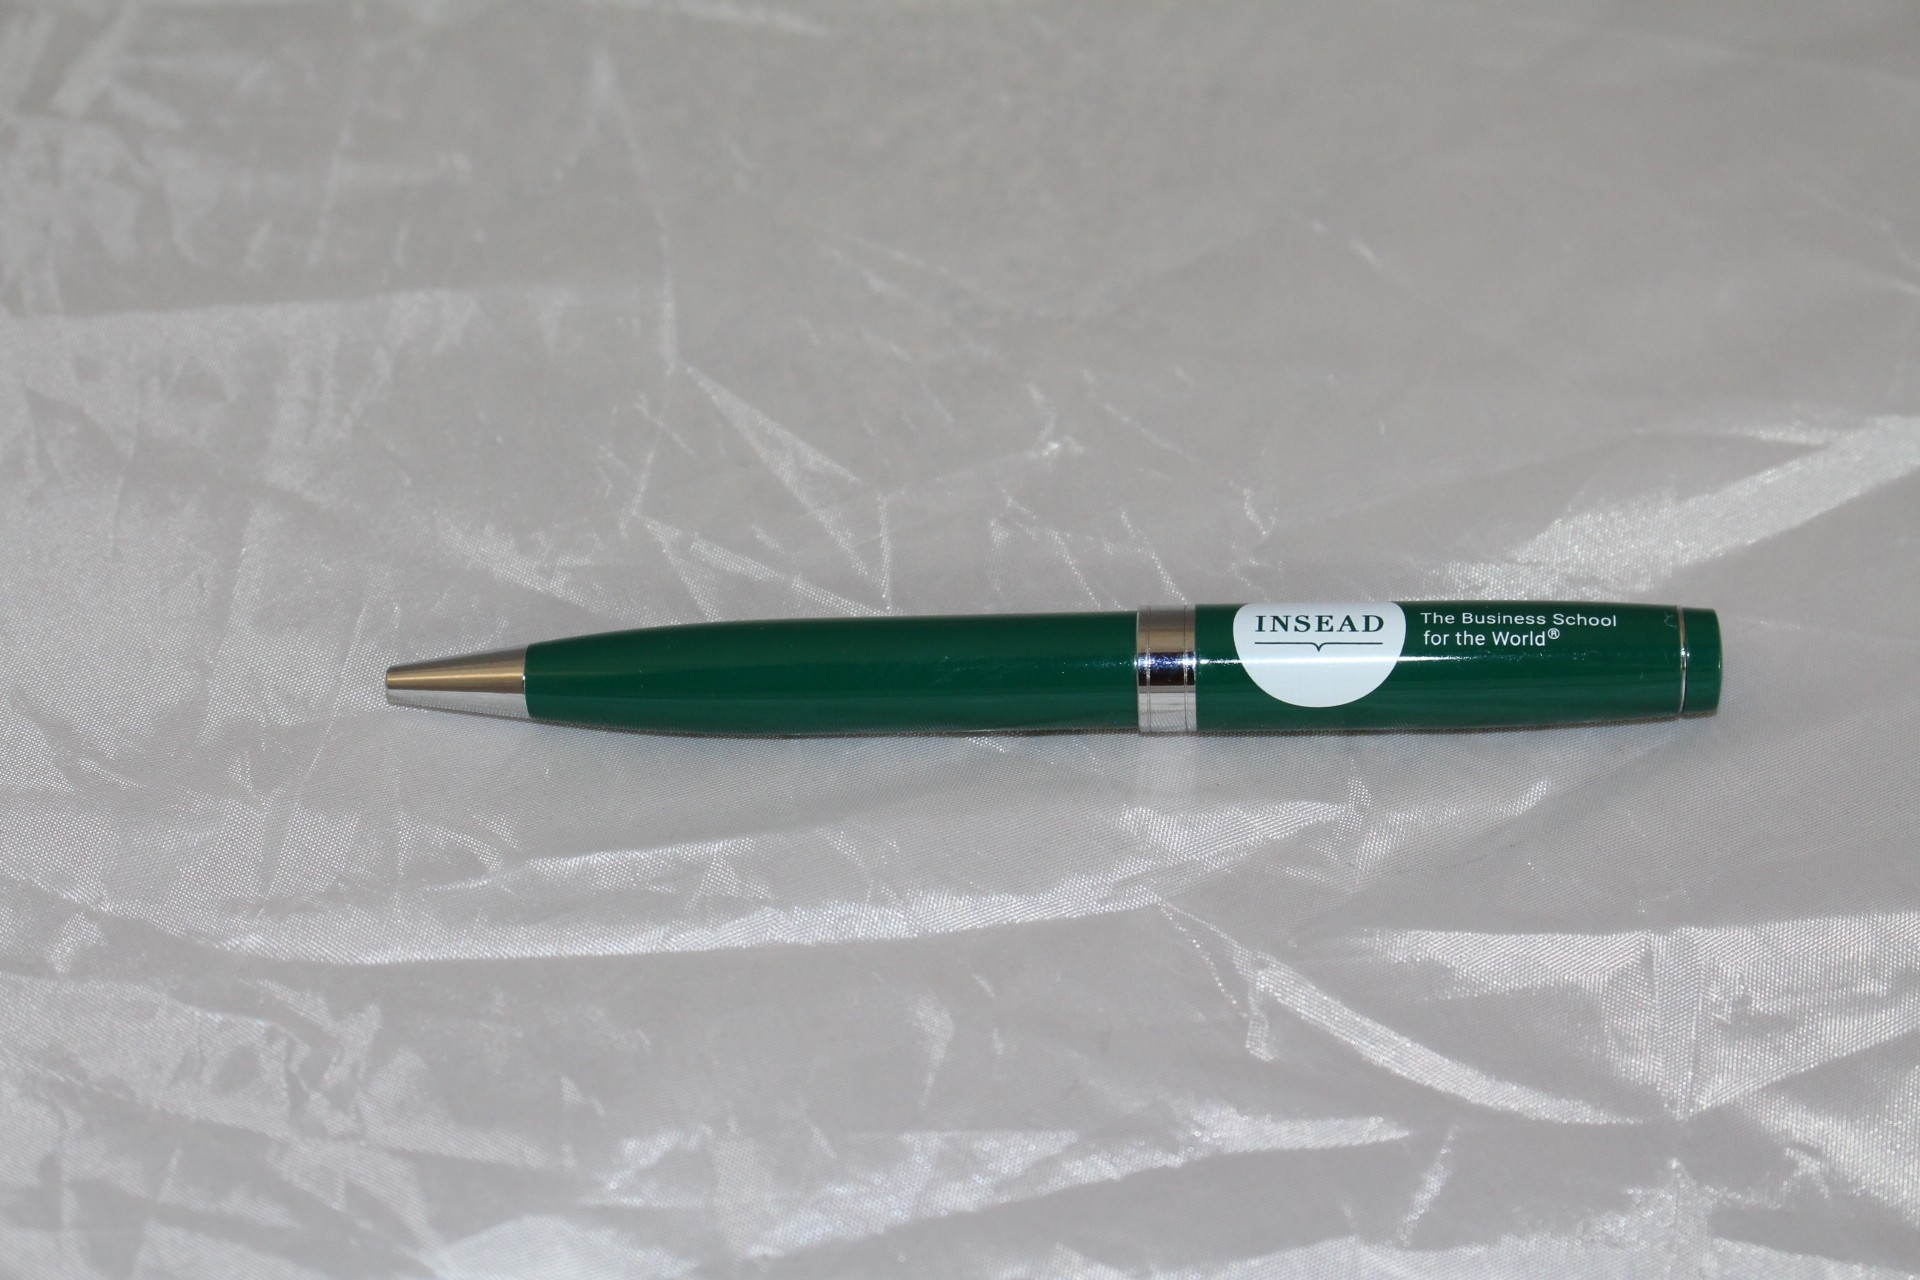 INSEAD pen